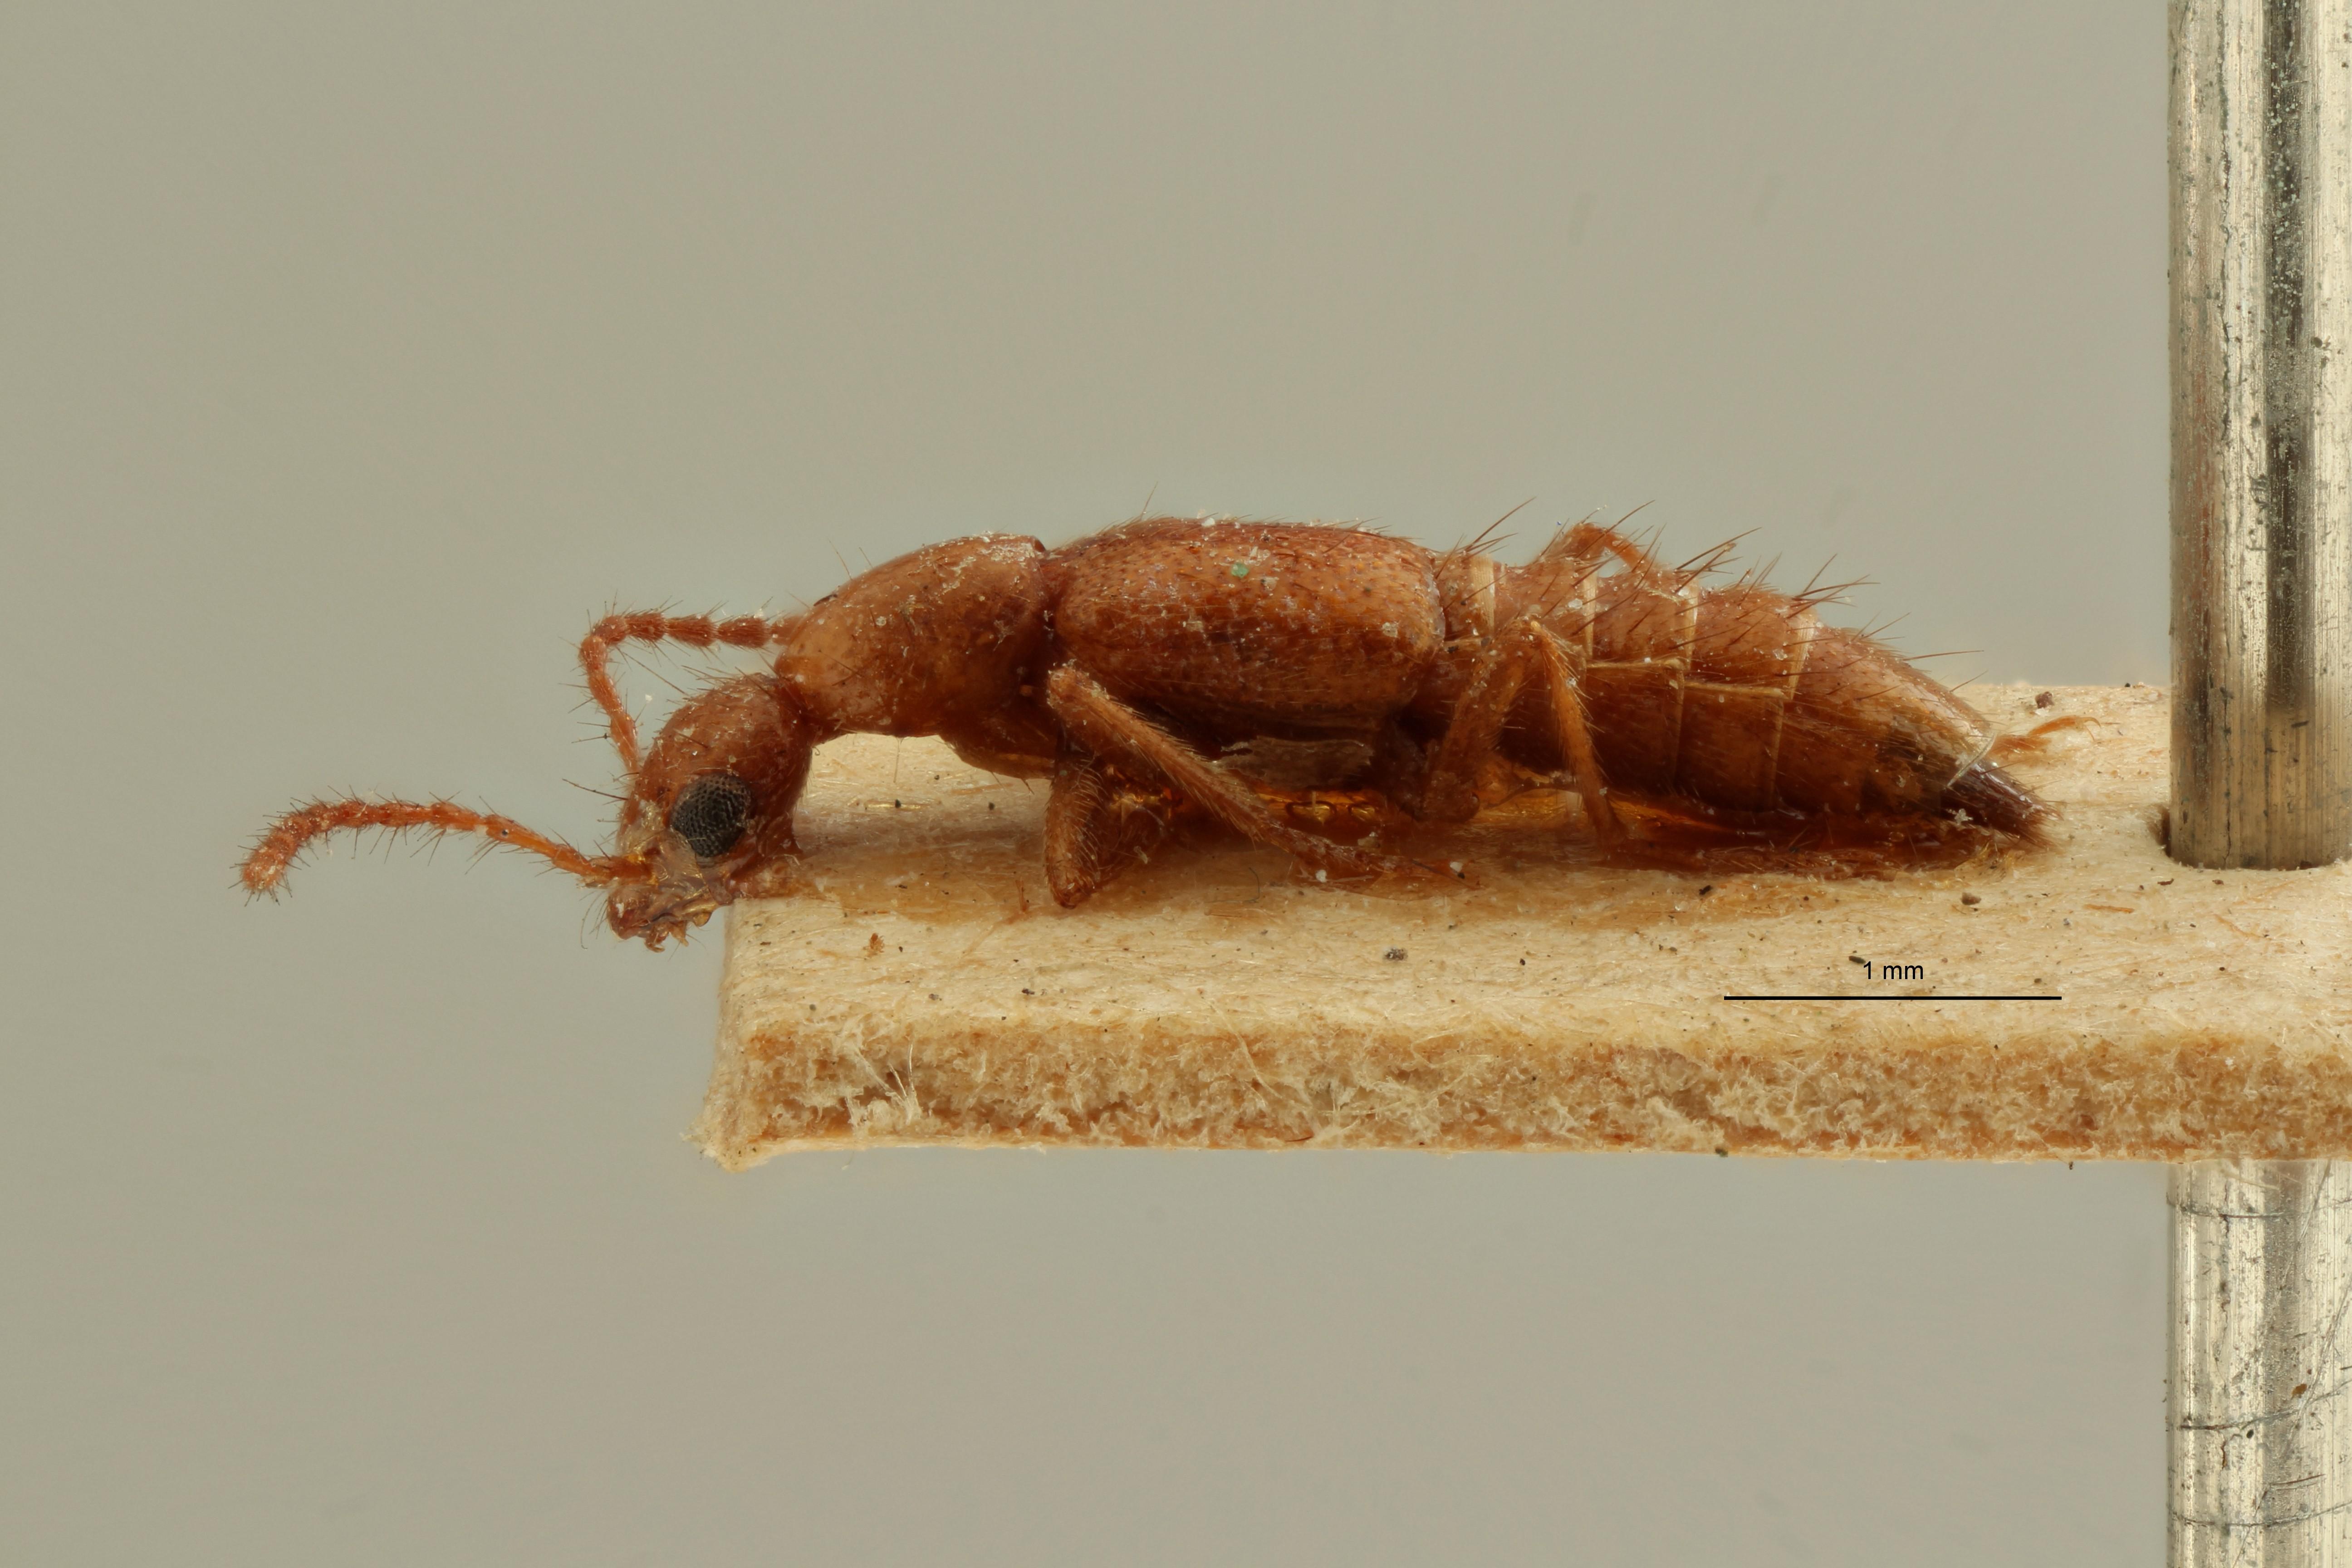 Paederus apicalis et L ZS PMax Scaled.jpeg